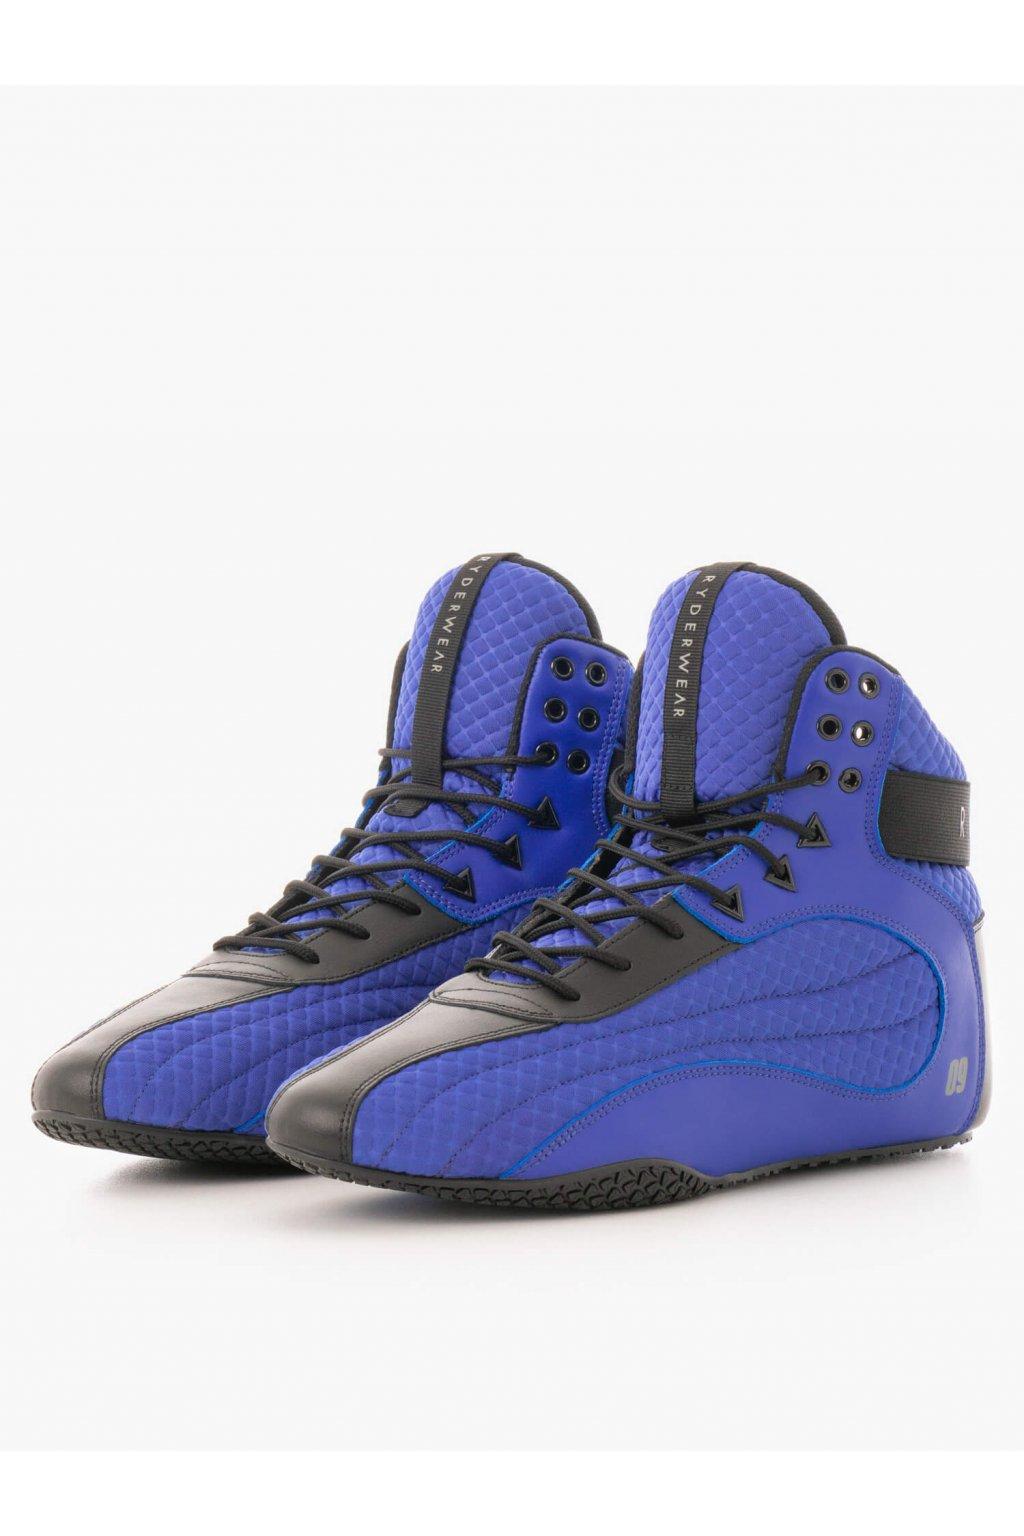 D MAK ROGUE BLUE 6